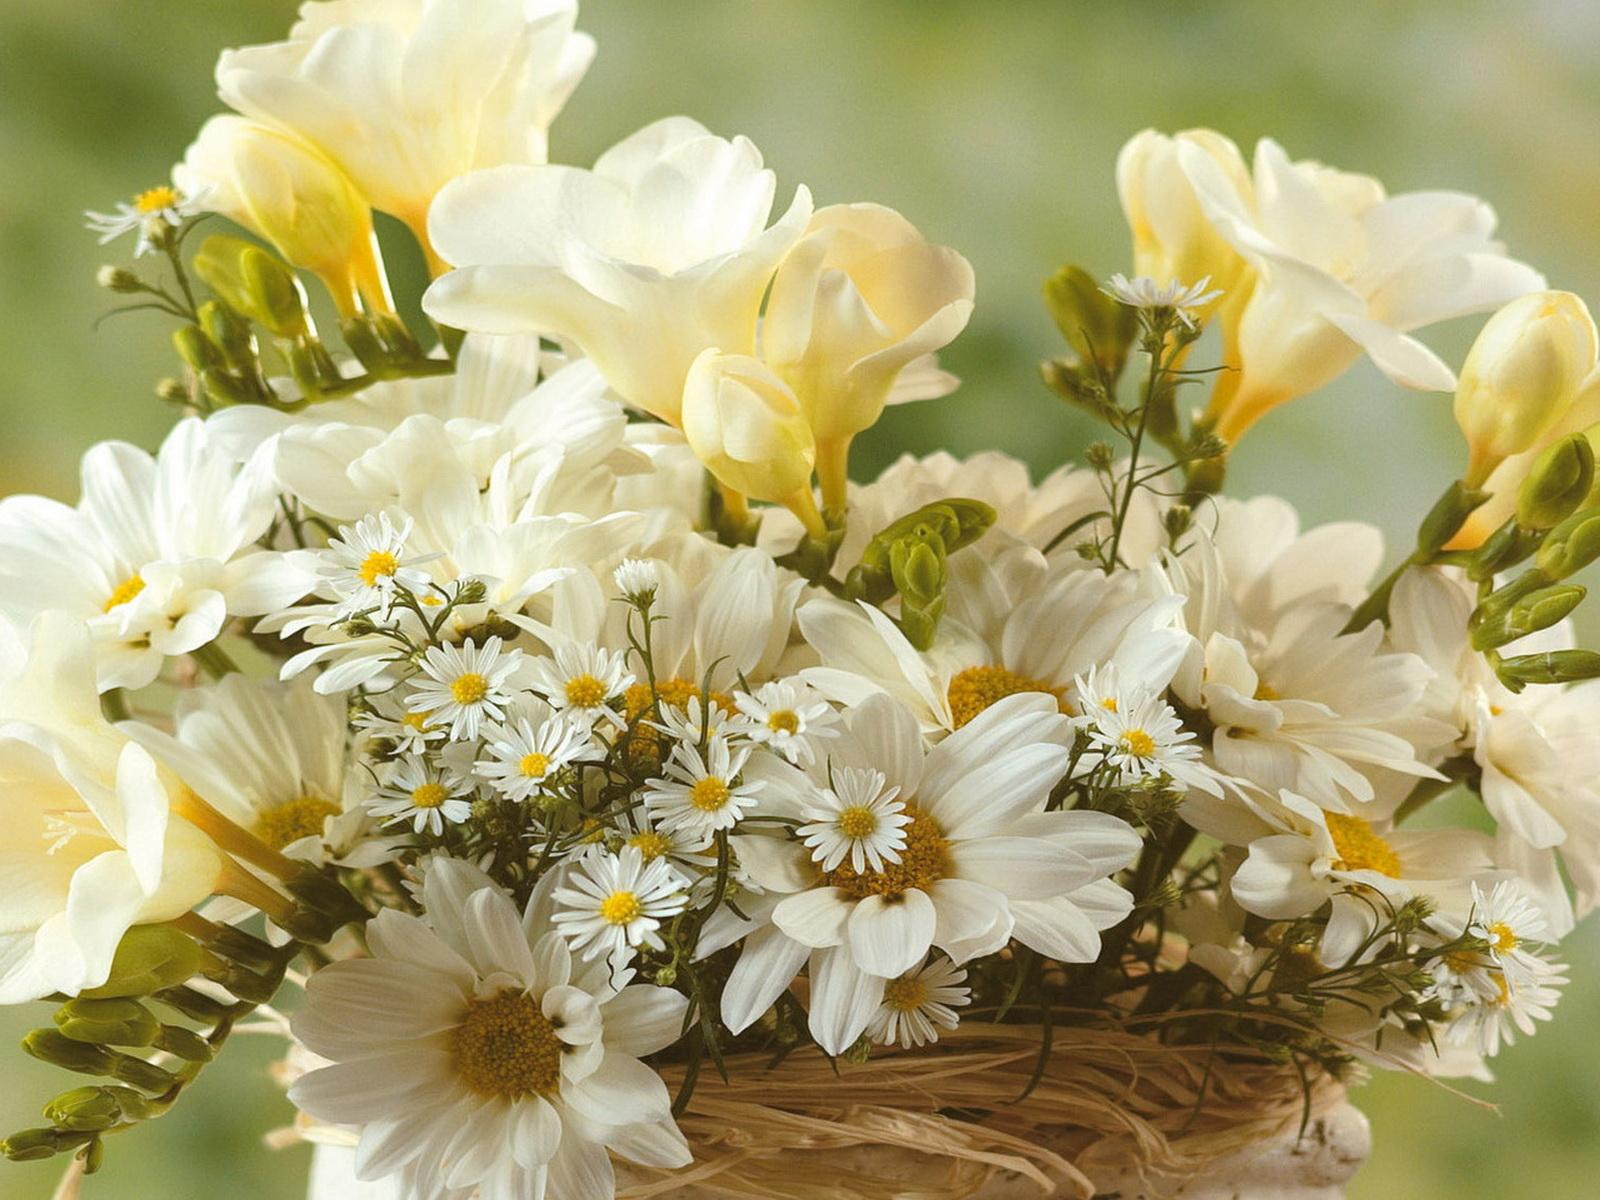 Фото с нежными цветами